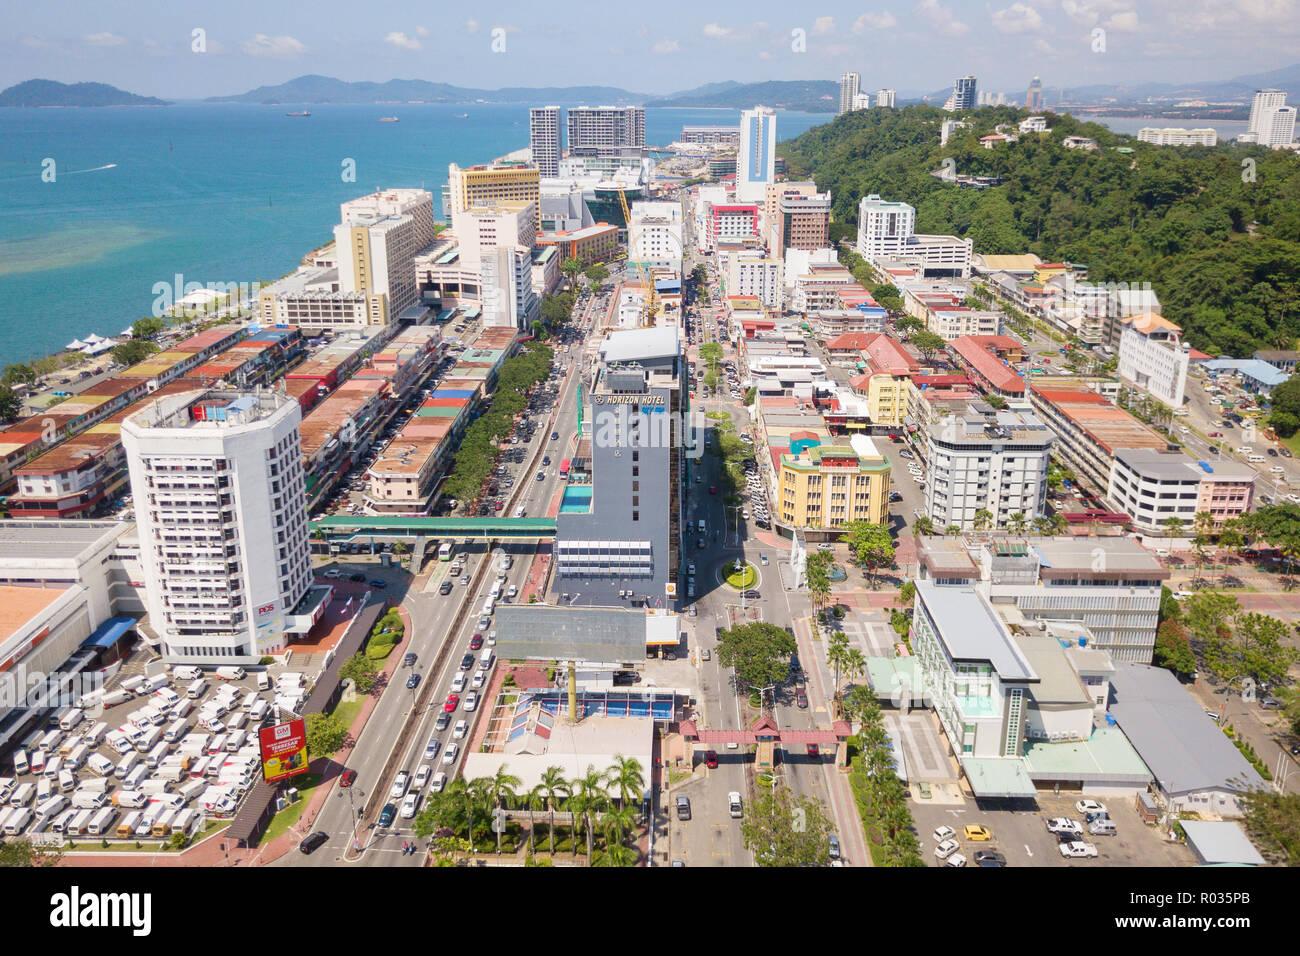 Kota Kinabalu Sabah Malaysia - Oct 16, 2018 : Partial view of Kota Kinabalu city . Kota Kinabalu is a capital city of Sabah state located at north Bor - Stock Image